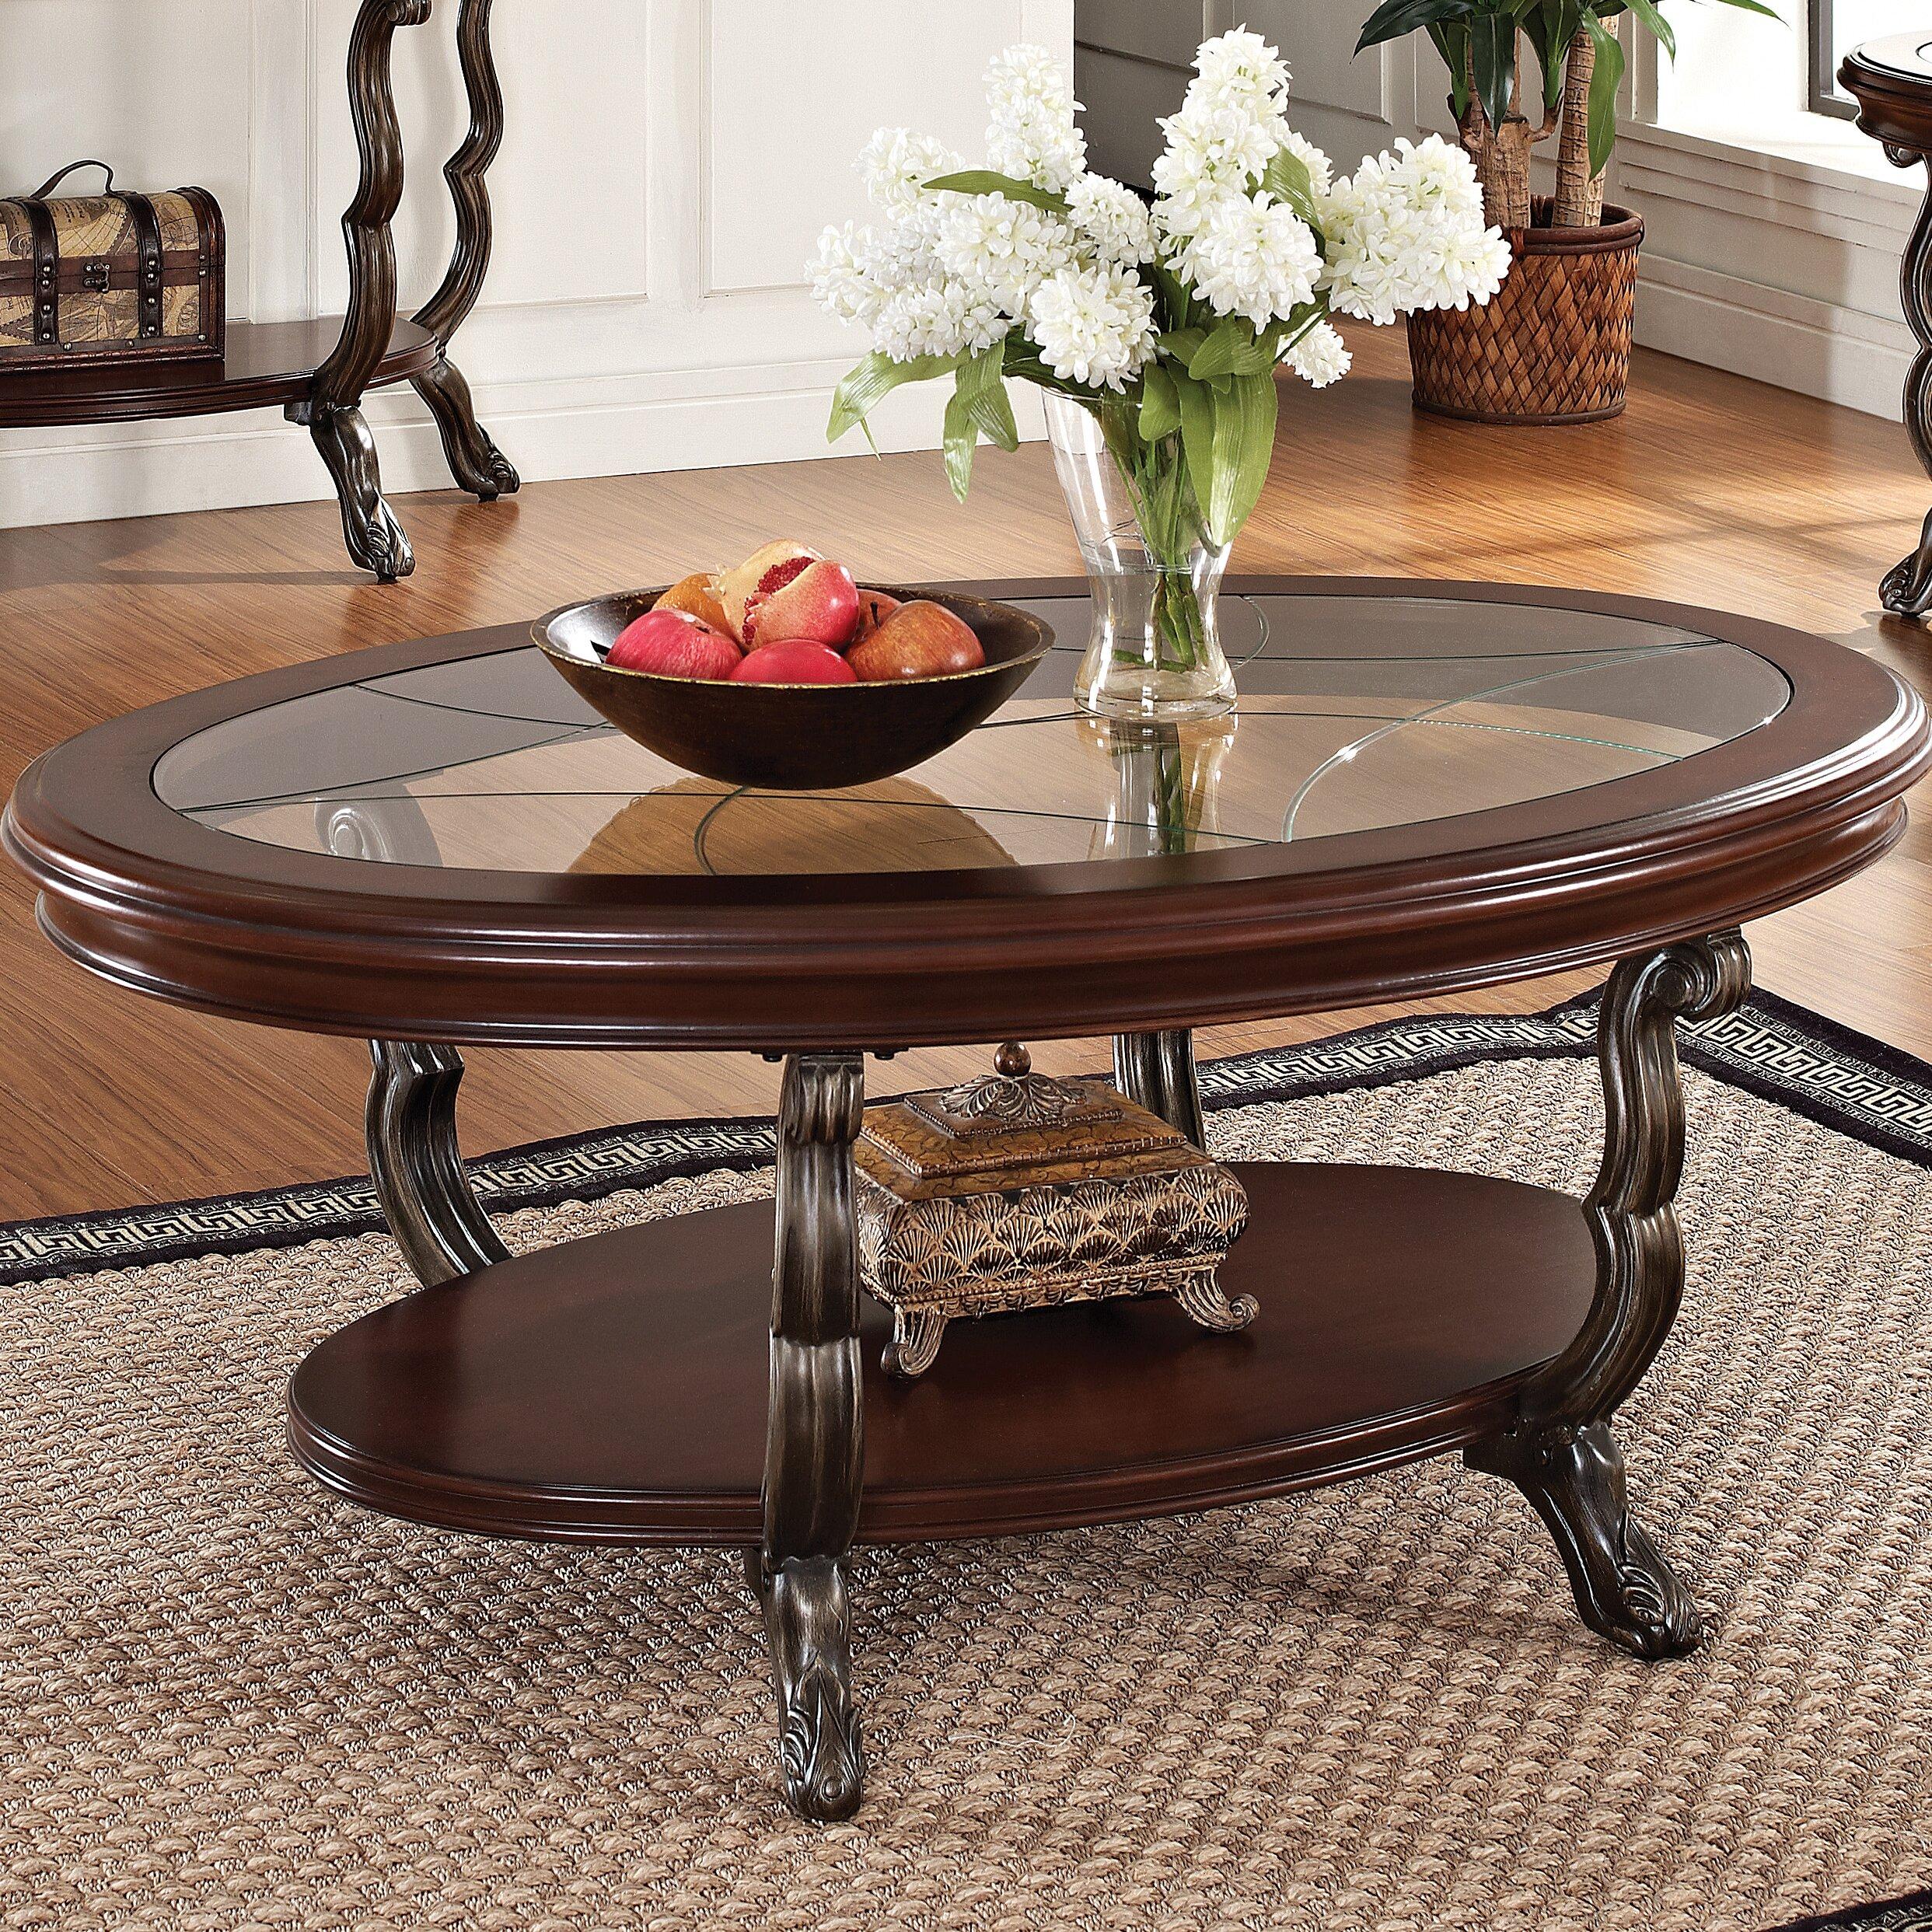 Wildon Home ® Bavol Coffee Table & Reviews